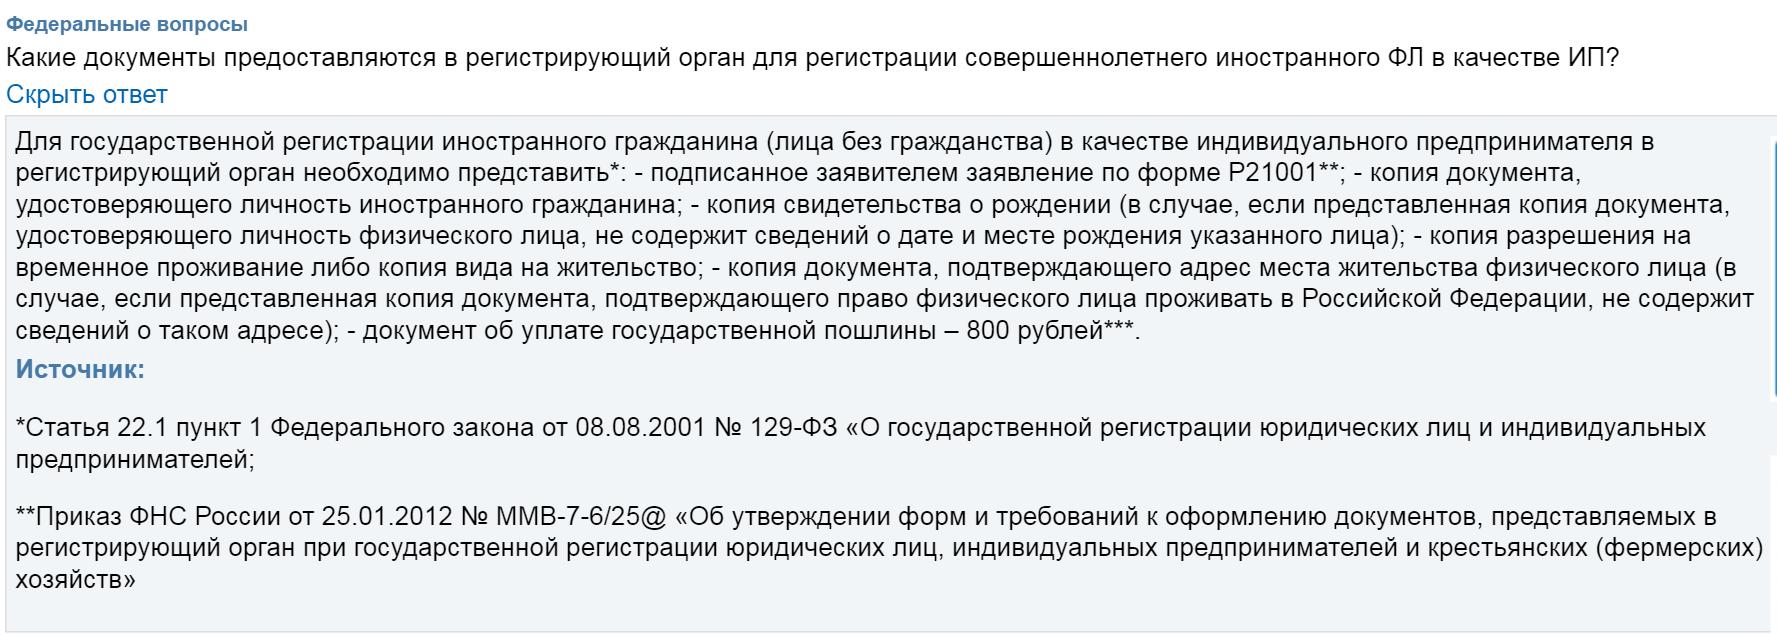 Налог ру заявление о закрытии банковского счета - 0